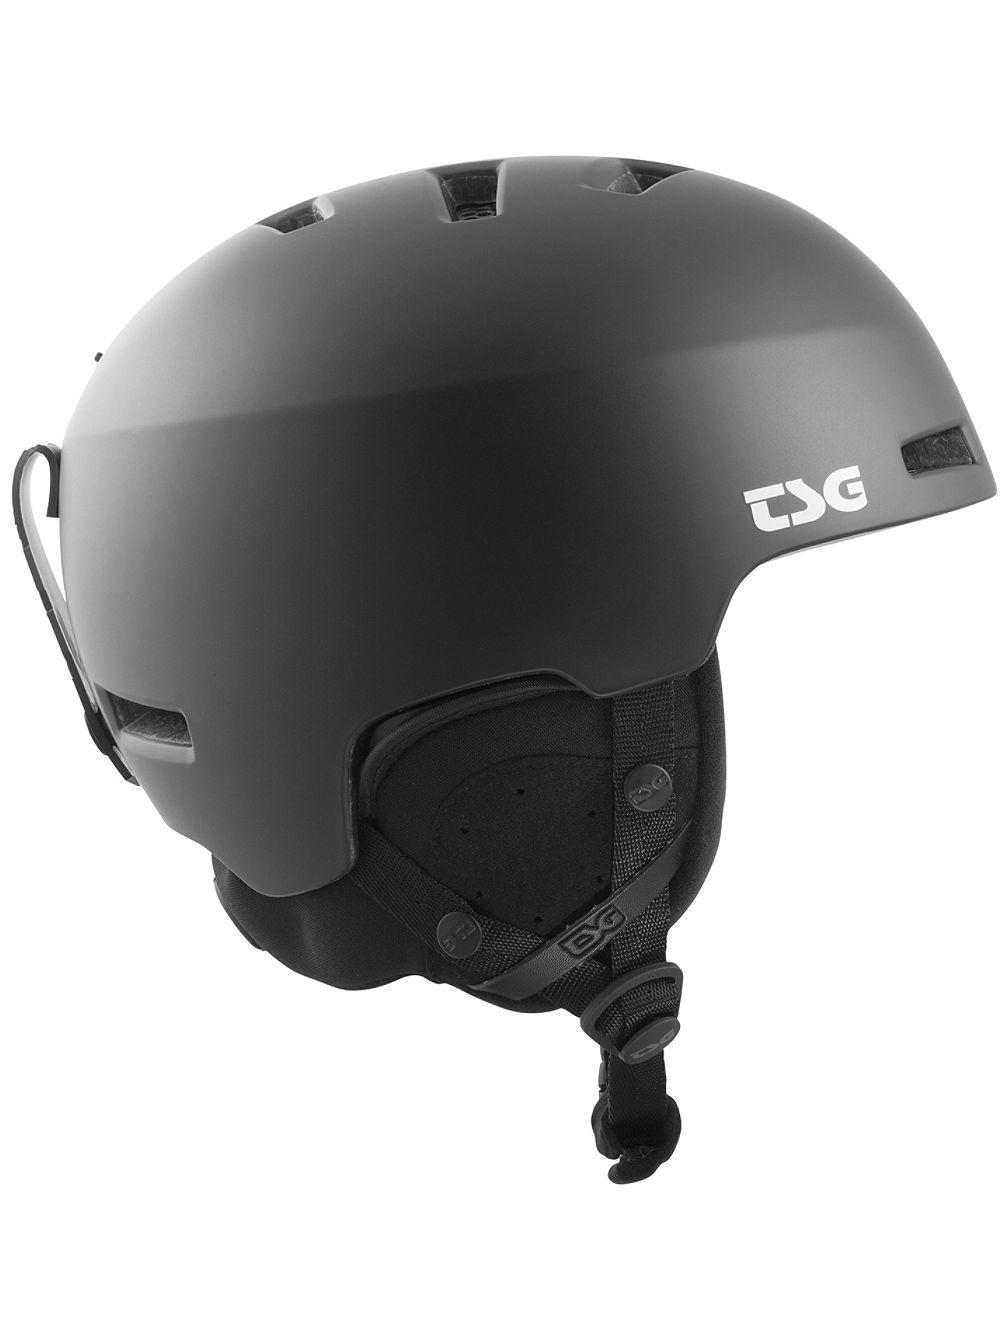 Tweak Solid Color Helmet